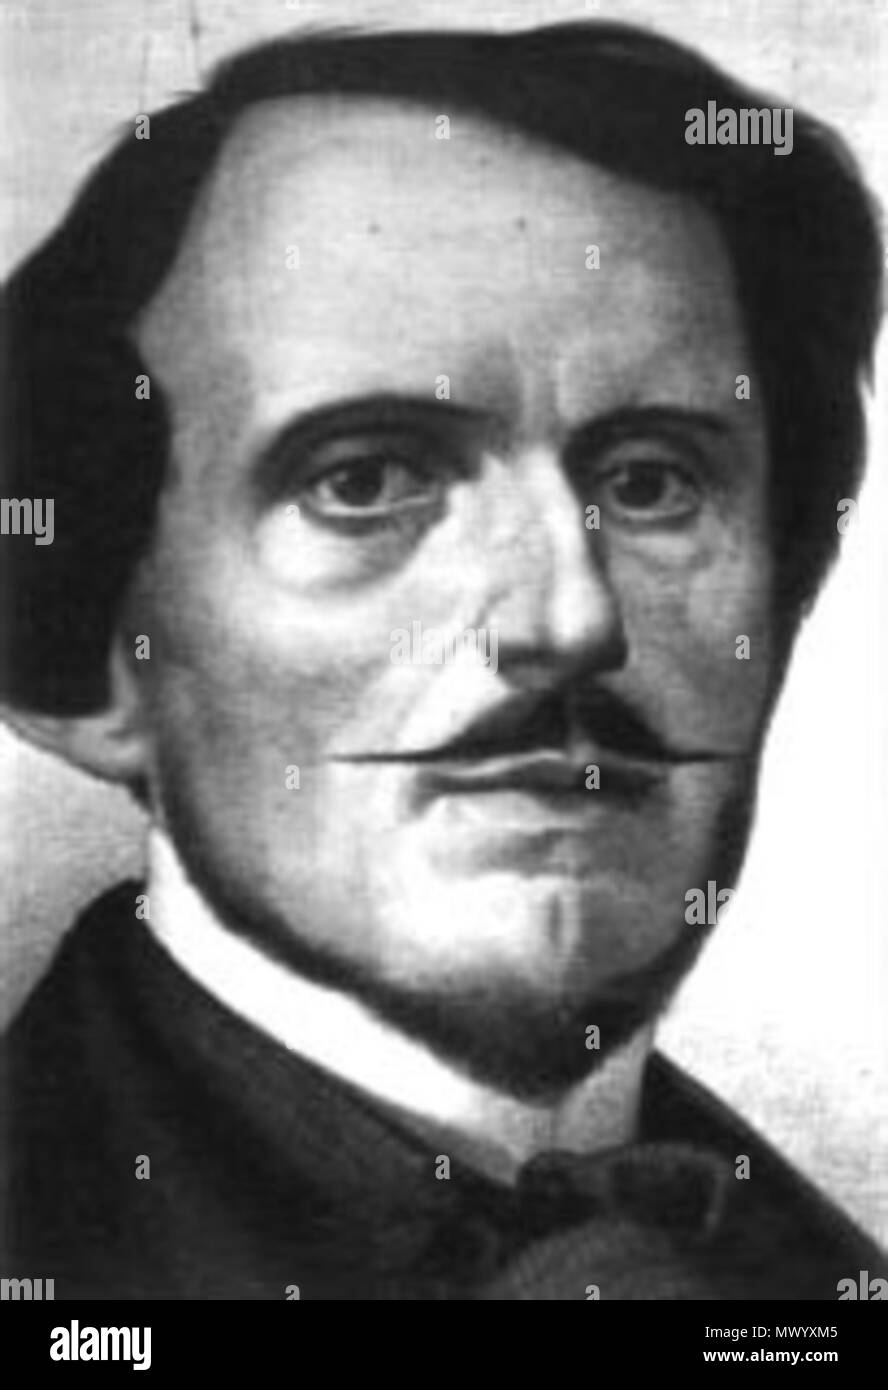 . Italiano: Immagine dello statista è:Bettino Ricasoli (1809-1880). 8 maggio 2004 (originale data di caricamento). Uploader originale era due volte25 a it.wikipedia 83 Bettino Ricasoli Immagini Stock